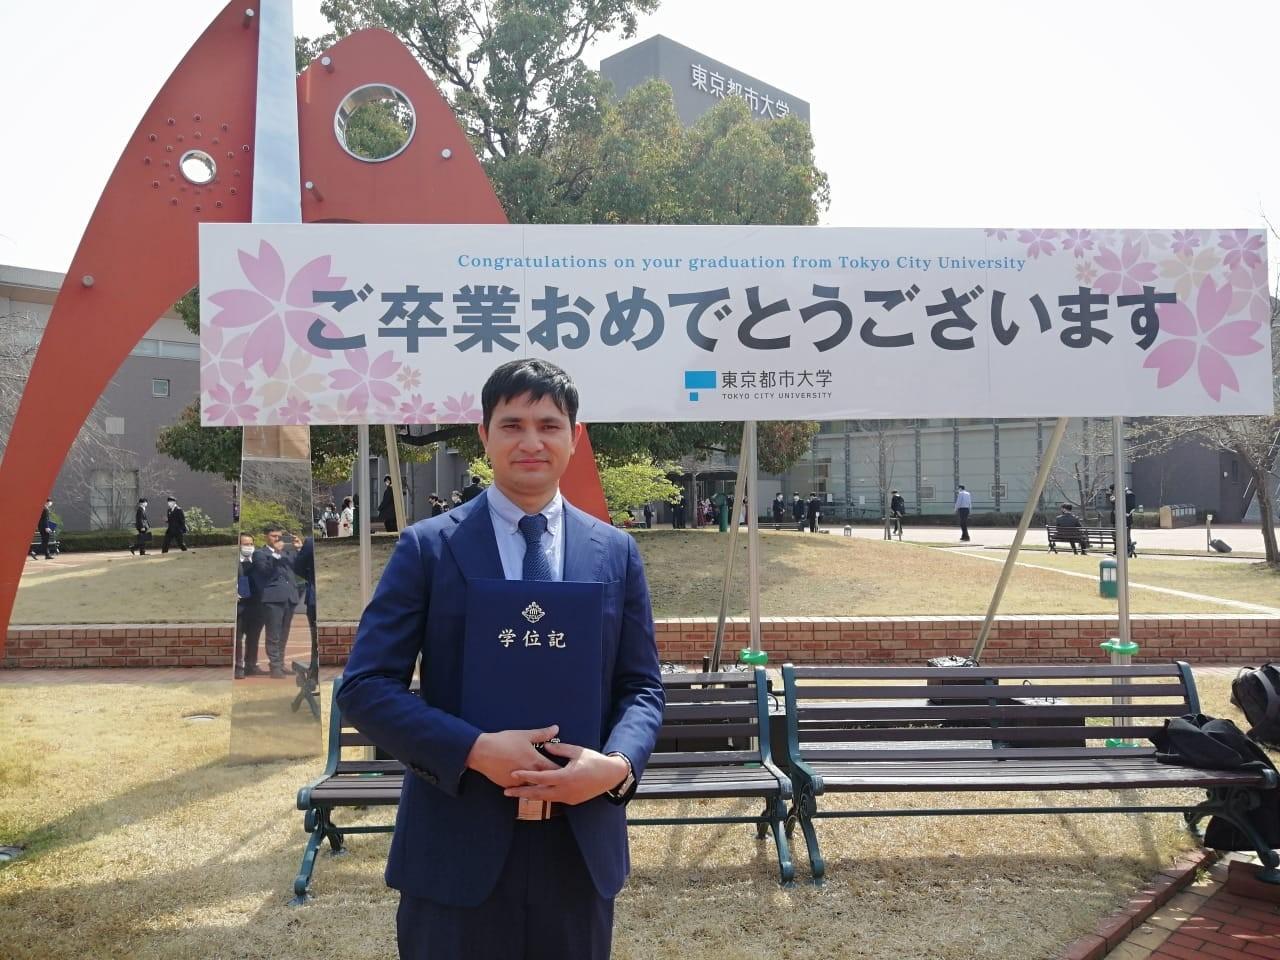 कर्णालीका शाहीले गरे जापानी विश्वविद्यालयबाट उर्जामा पहिलो विद्यावारिधी